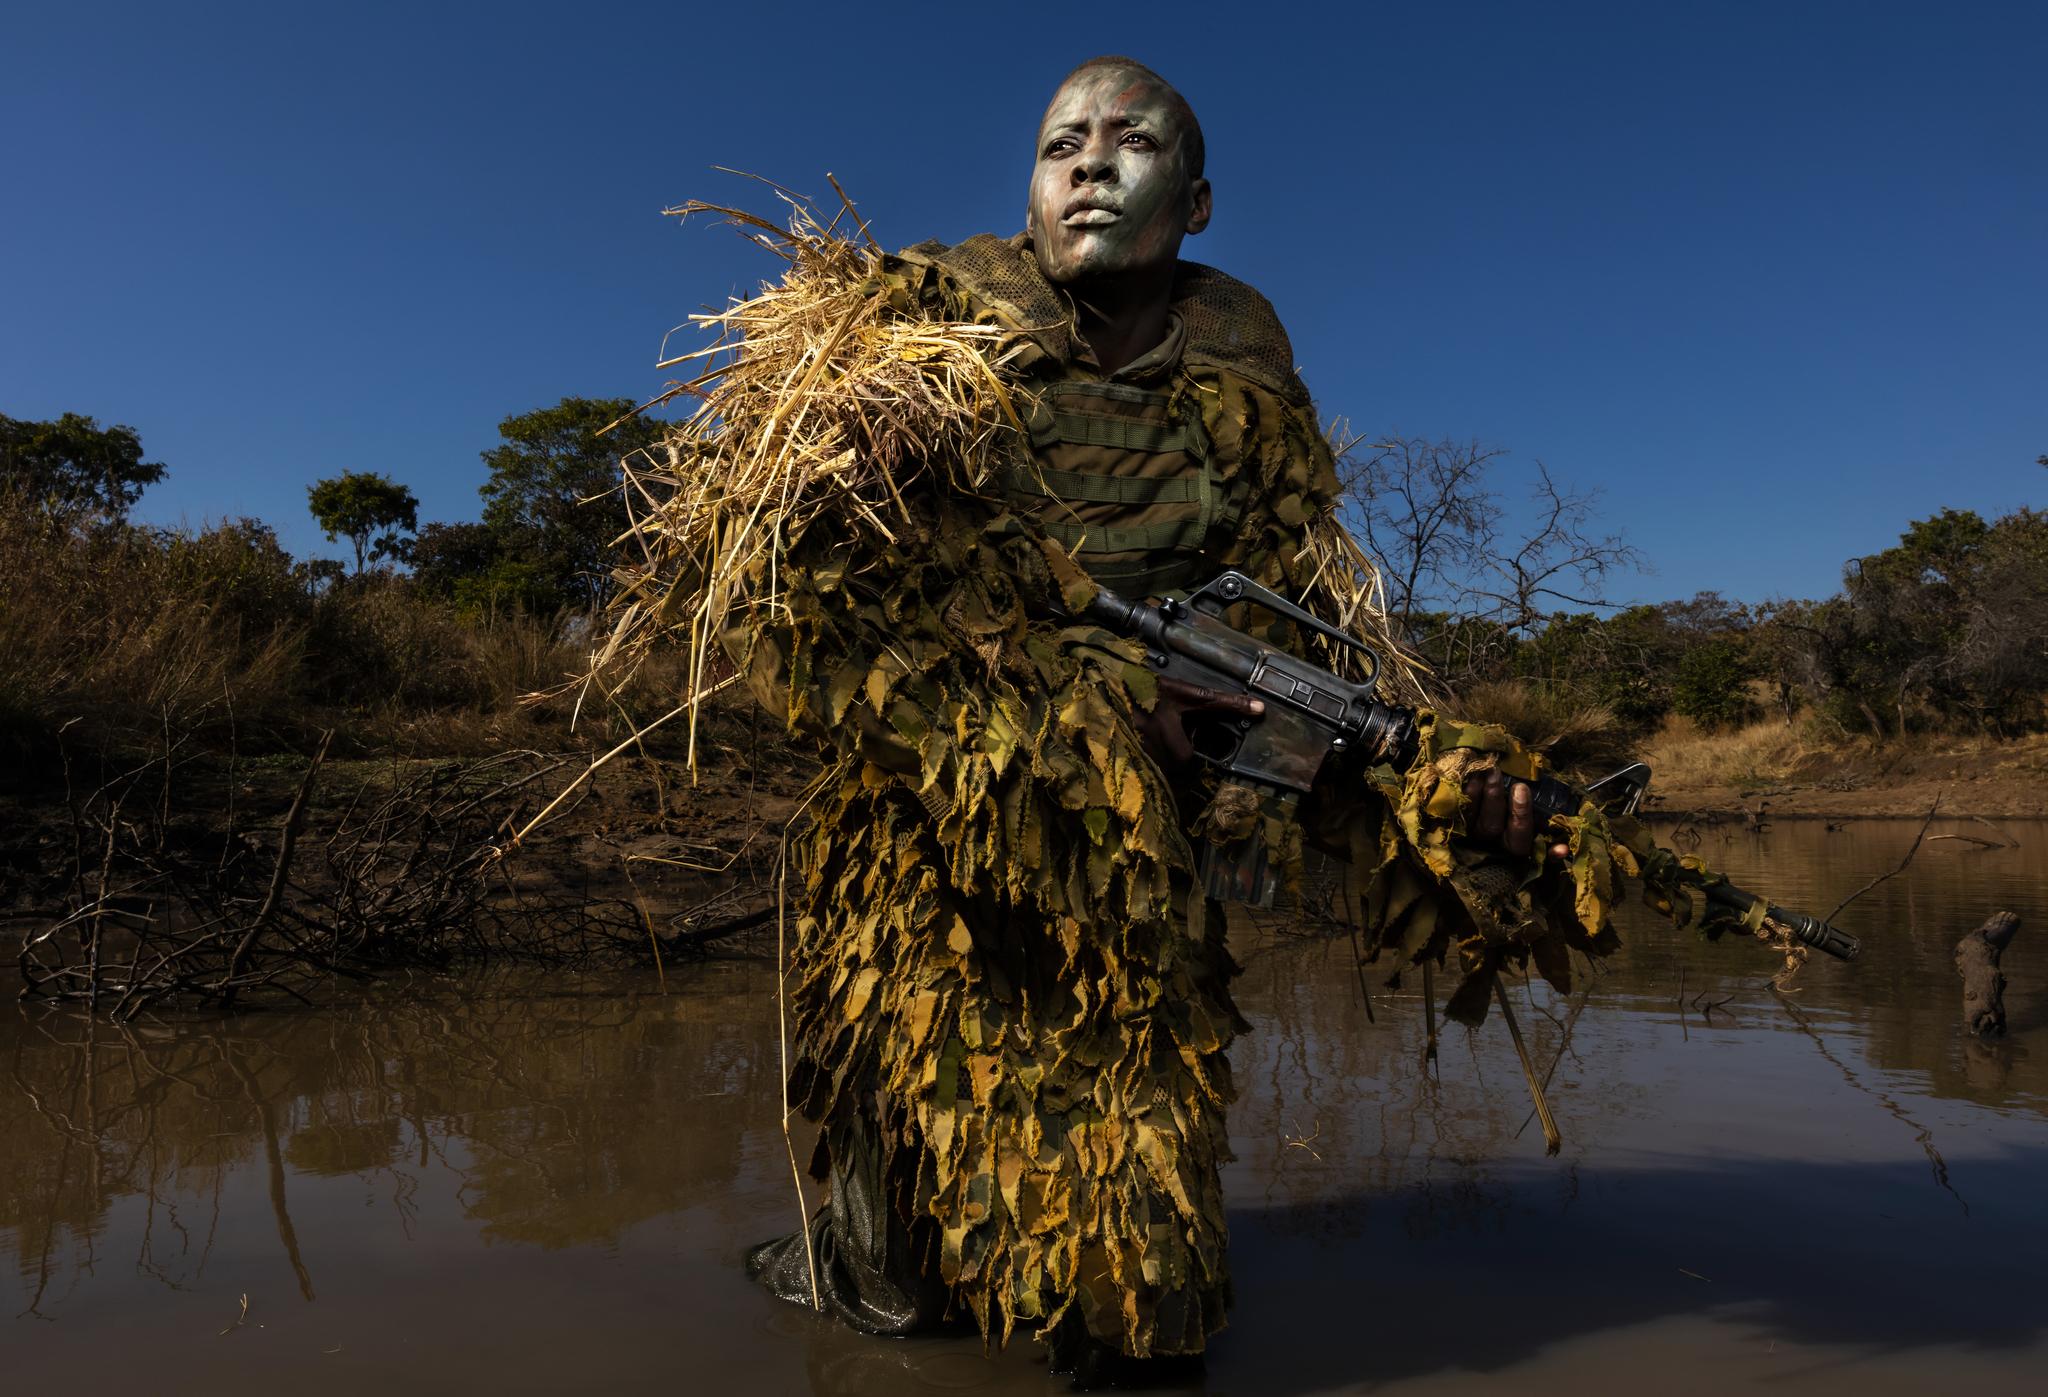 짐바브웨이의 한 야생공원에서 불법 밀렵을 막기위해 여성대원들이 야간 순찰을 하고 있다. '아카싱가'라고 불리는 순찰대는 전원 여성으로 이루어져 있다.[AP=연합뉴스]